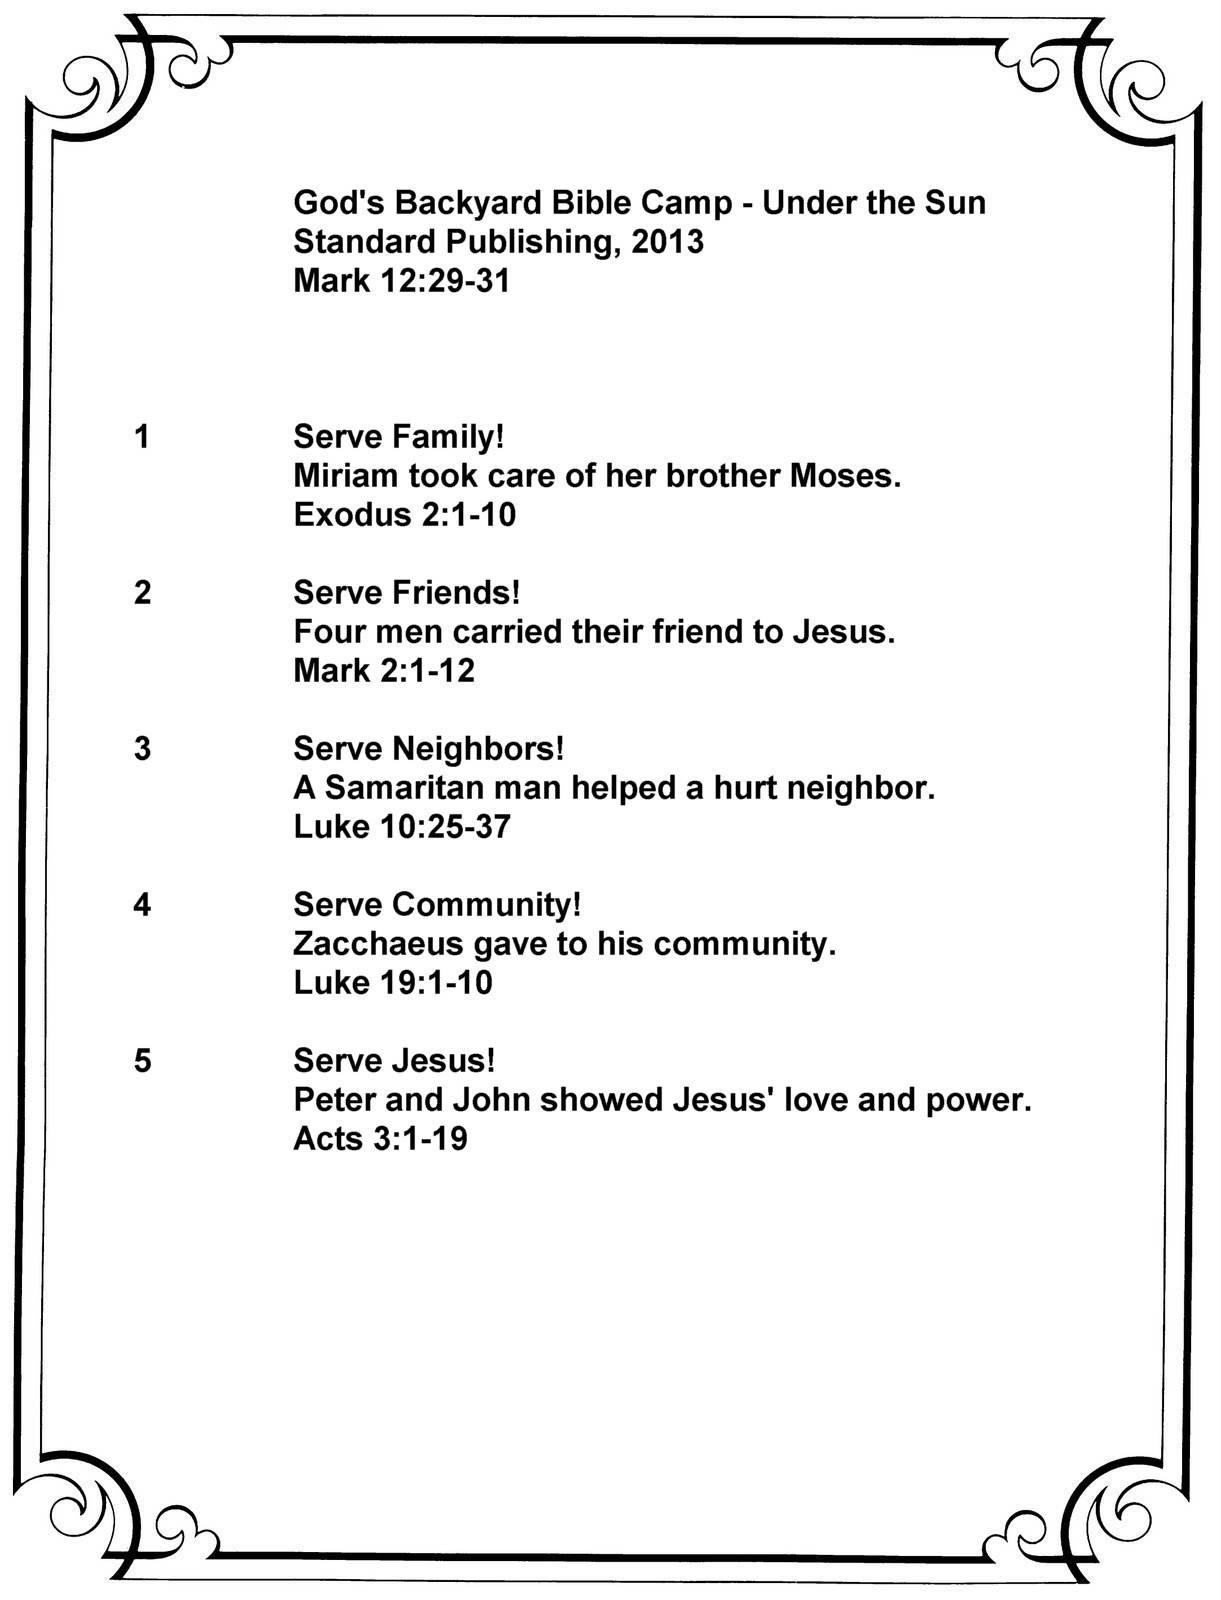 God's Backyard Bible Camp  Under the Sun Summary